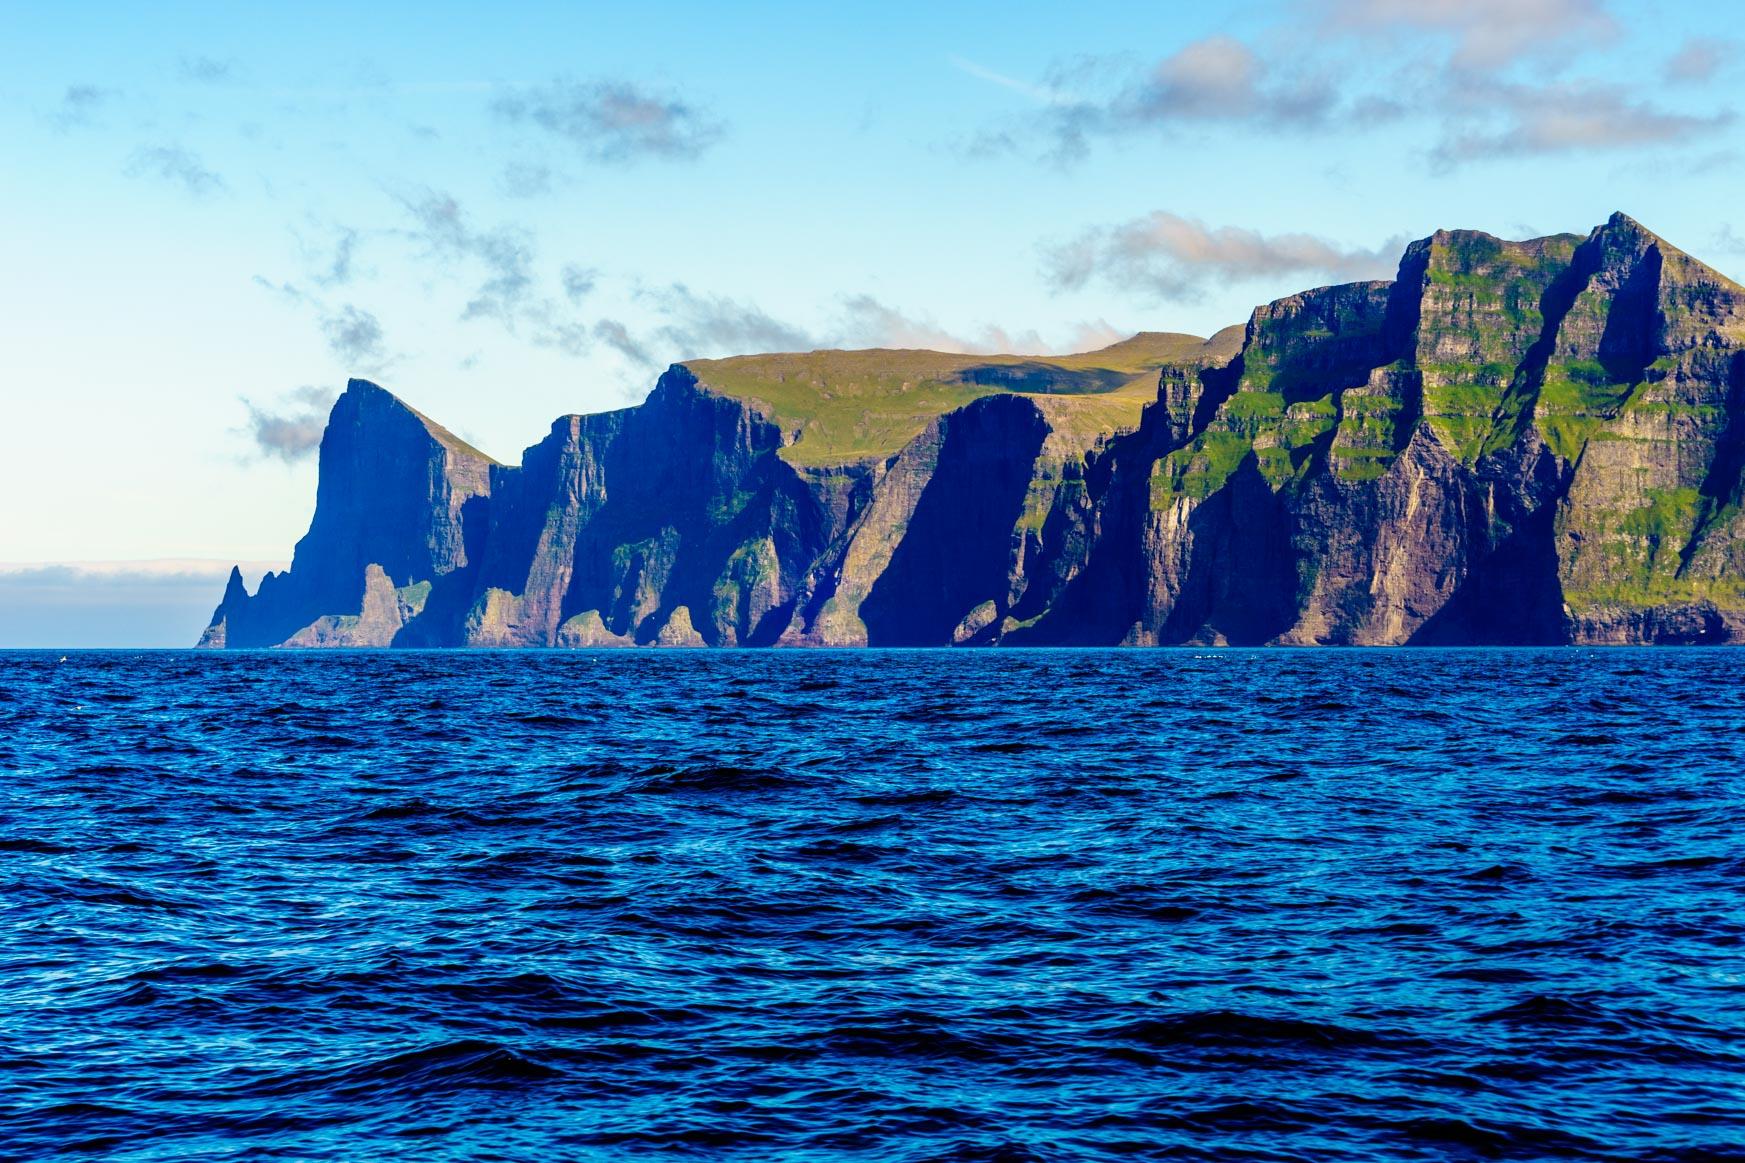 Auch die Färöer haben schöne Berge